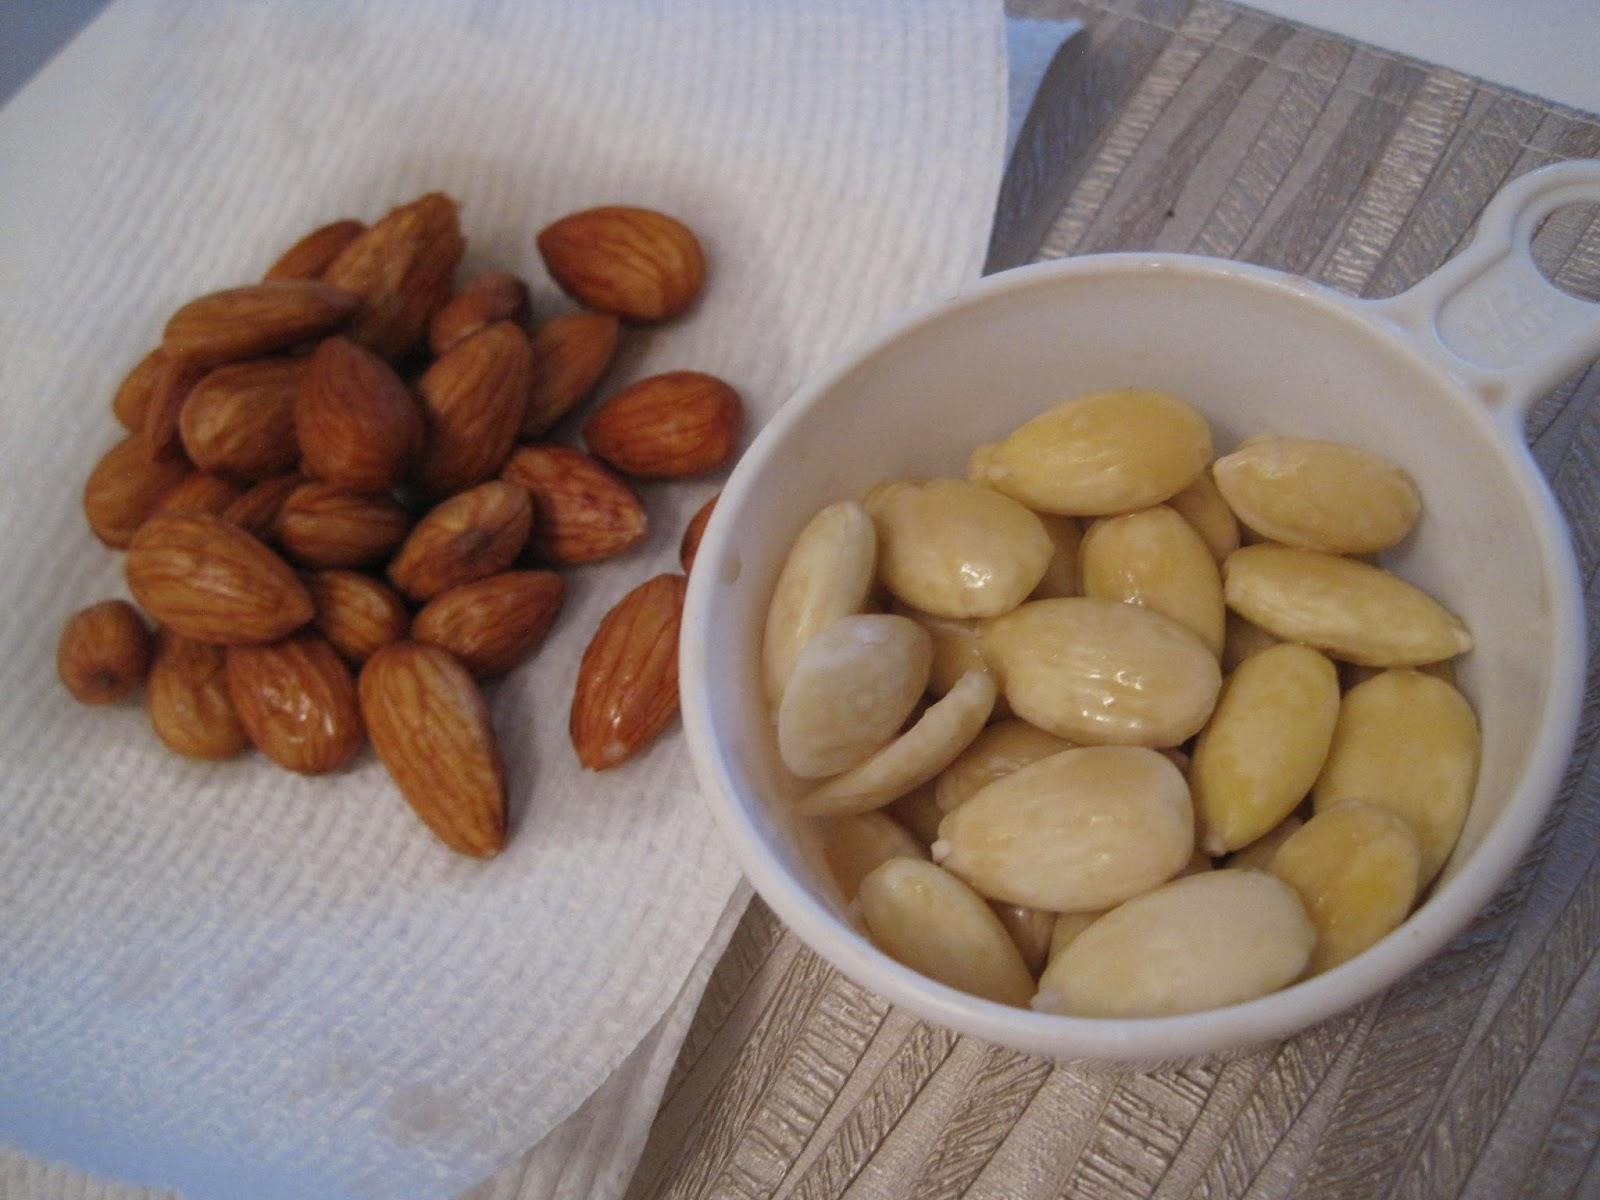 Skinning Almonds Veega Blog